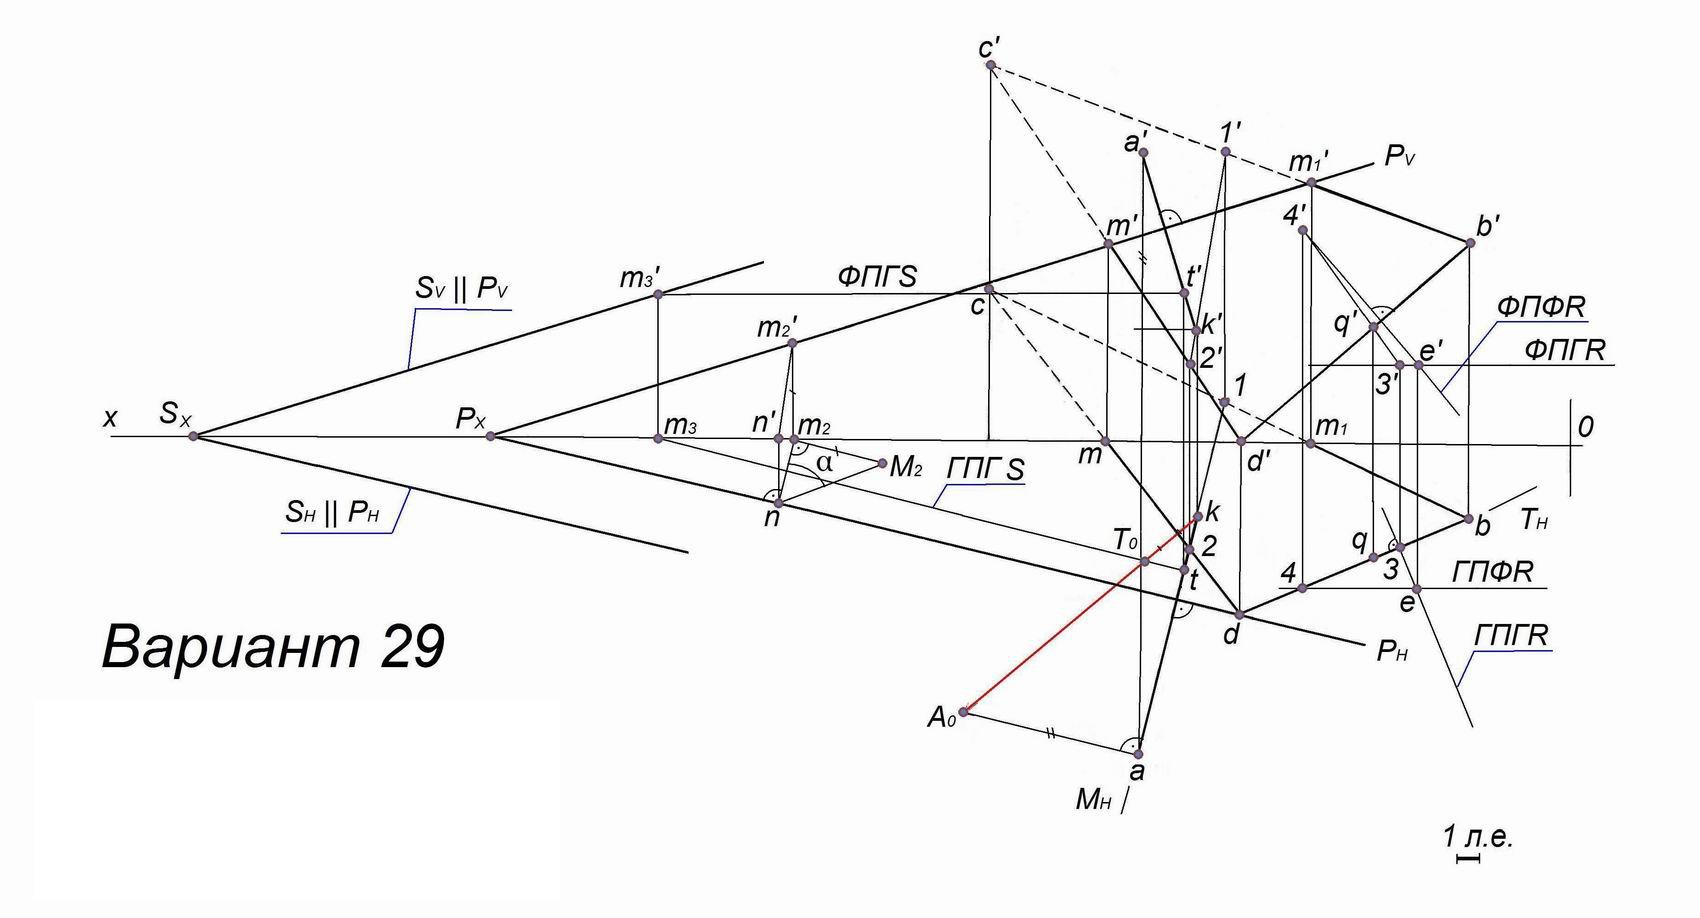 Скачать Решебник По Начертательной Геометрии